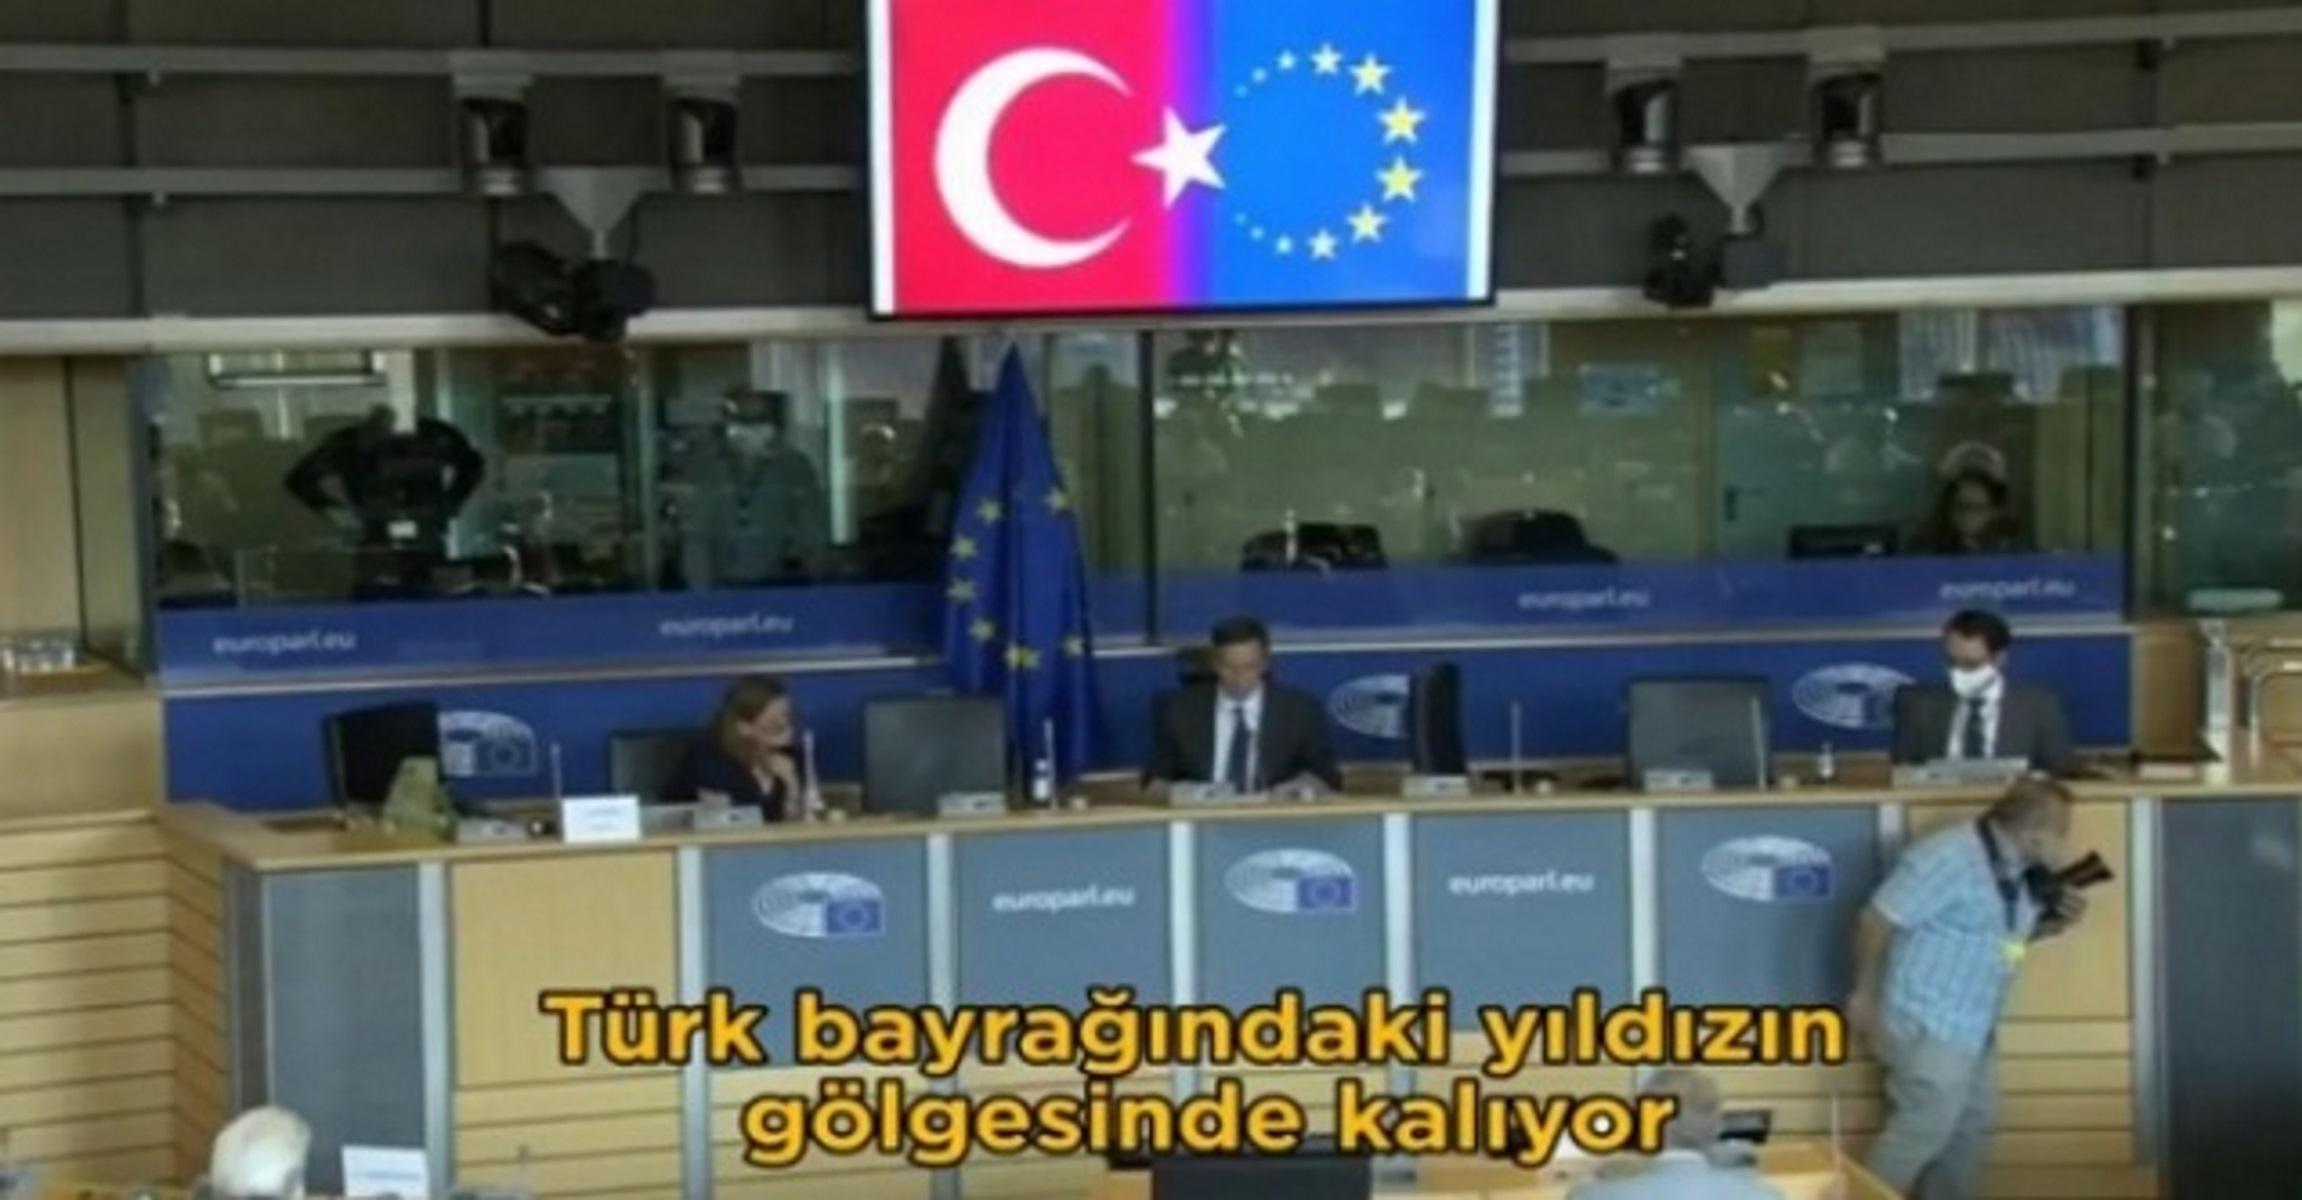 Νέα ένταση Τουρκίας – Ευρώπης: Ο Τσαβούσογλου εμφάνισε τη σημαία της ΕΕ ως… ημισέληνο (video)